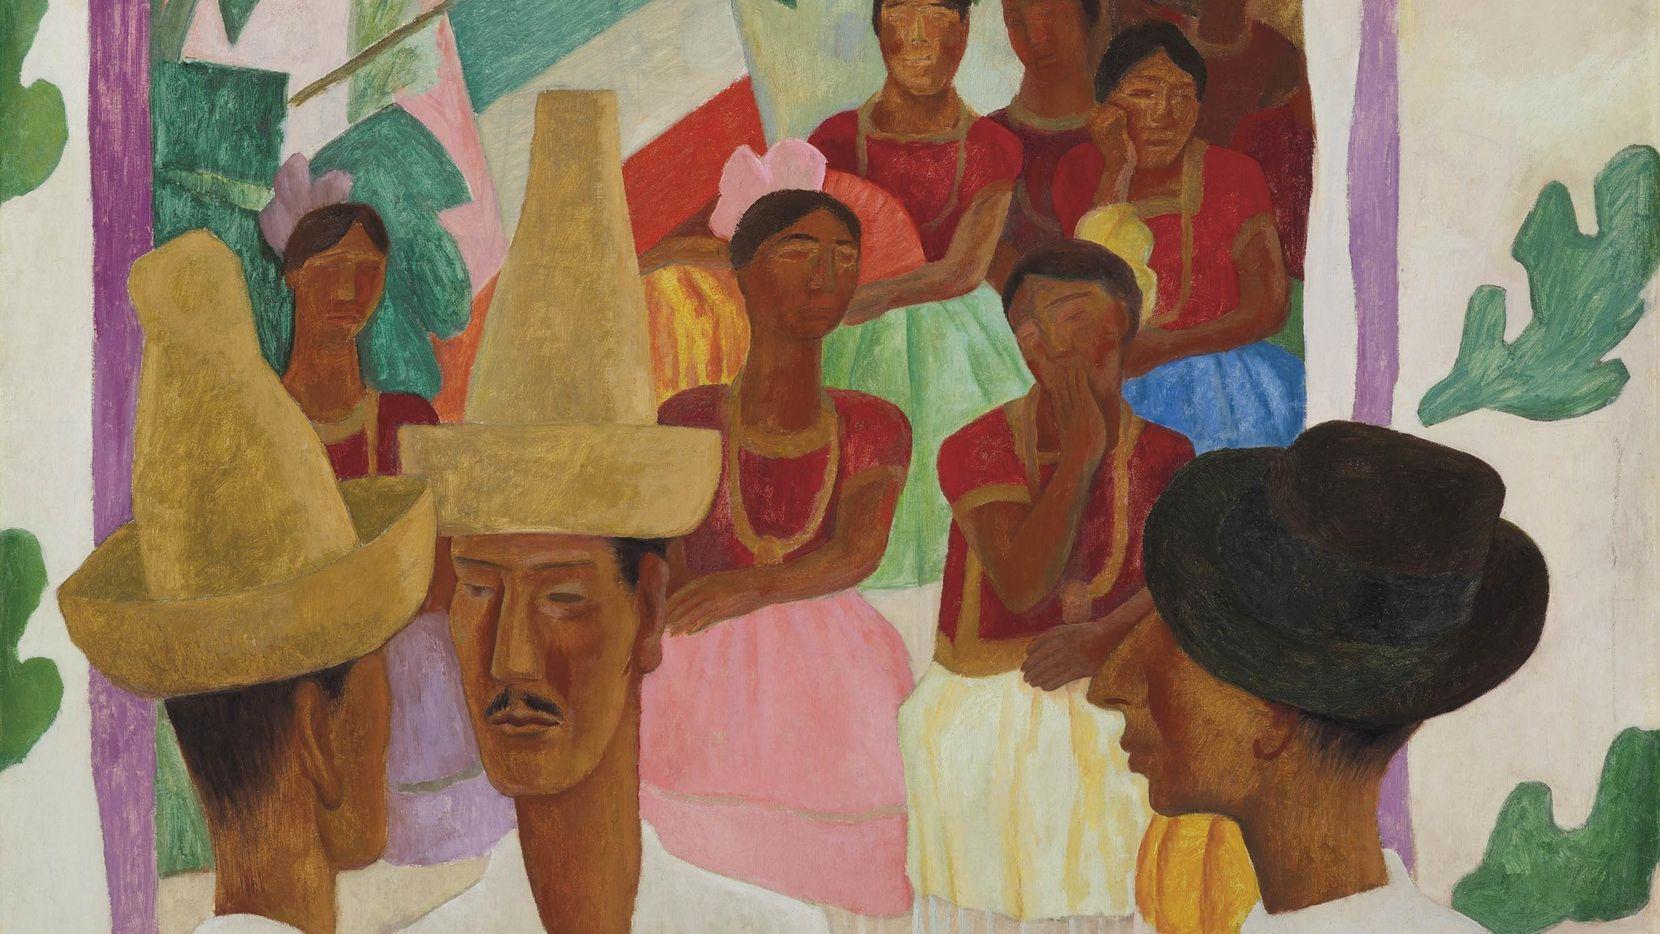 """""""Los rivales"""" de Diego Rivera se vendió por $9.7 millones en Christie's. Foto Christie's"""